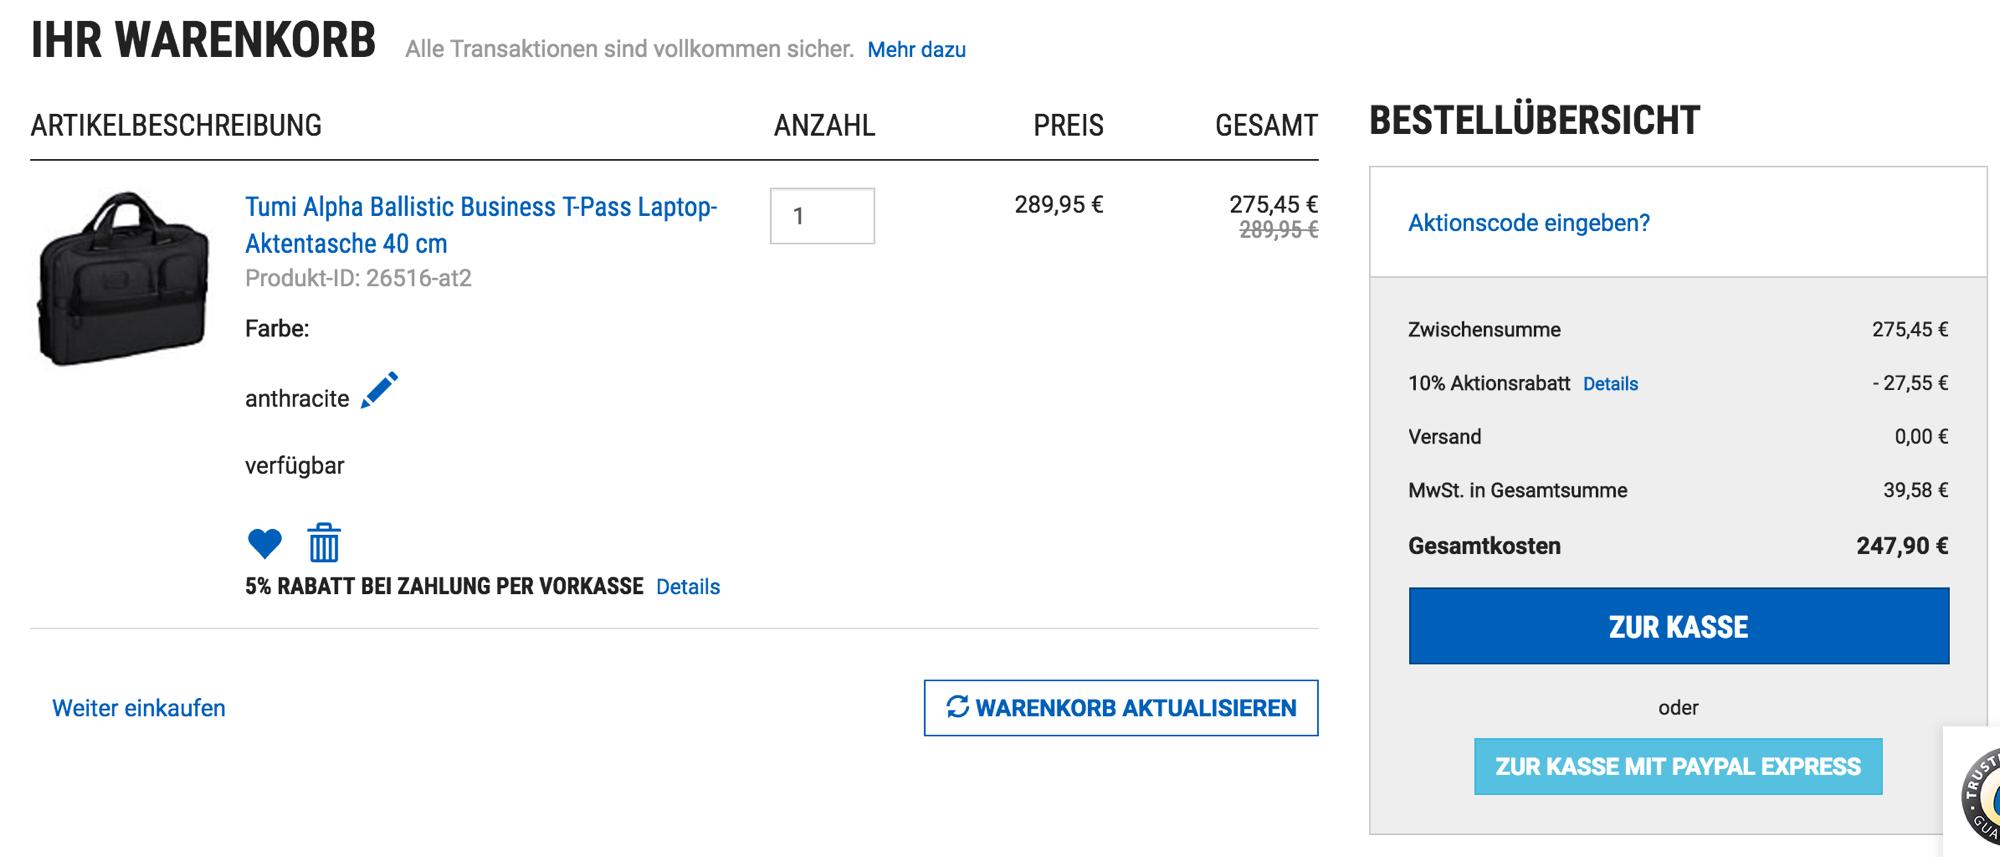 Mit Koffer-Direkt Gutschein 20% sparen - InsideFlyer DE